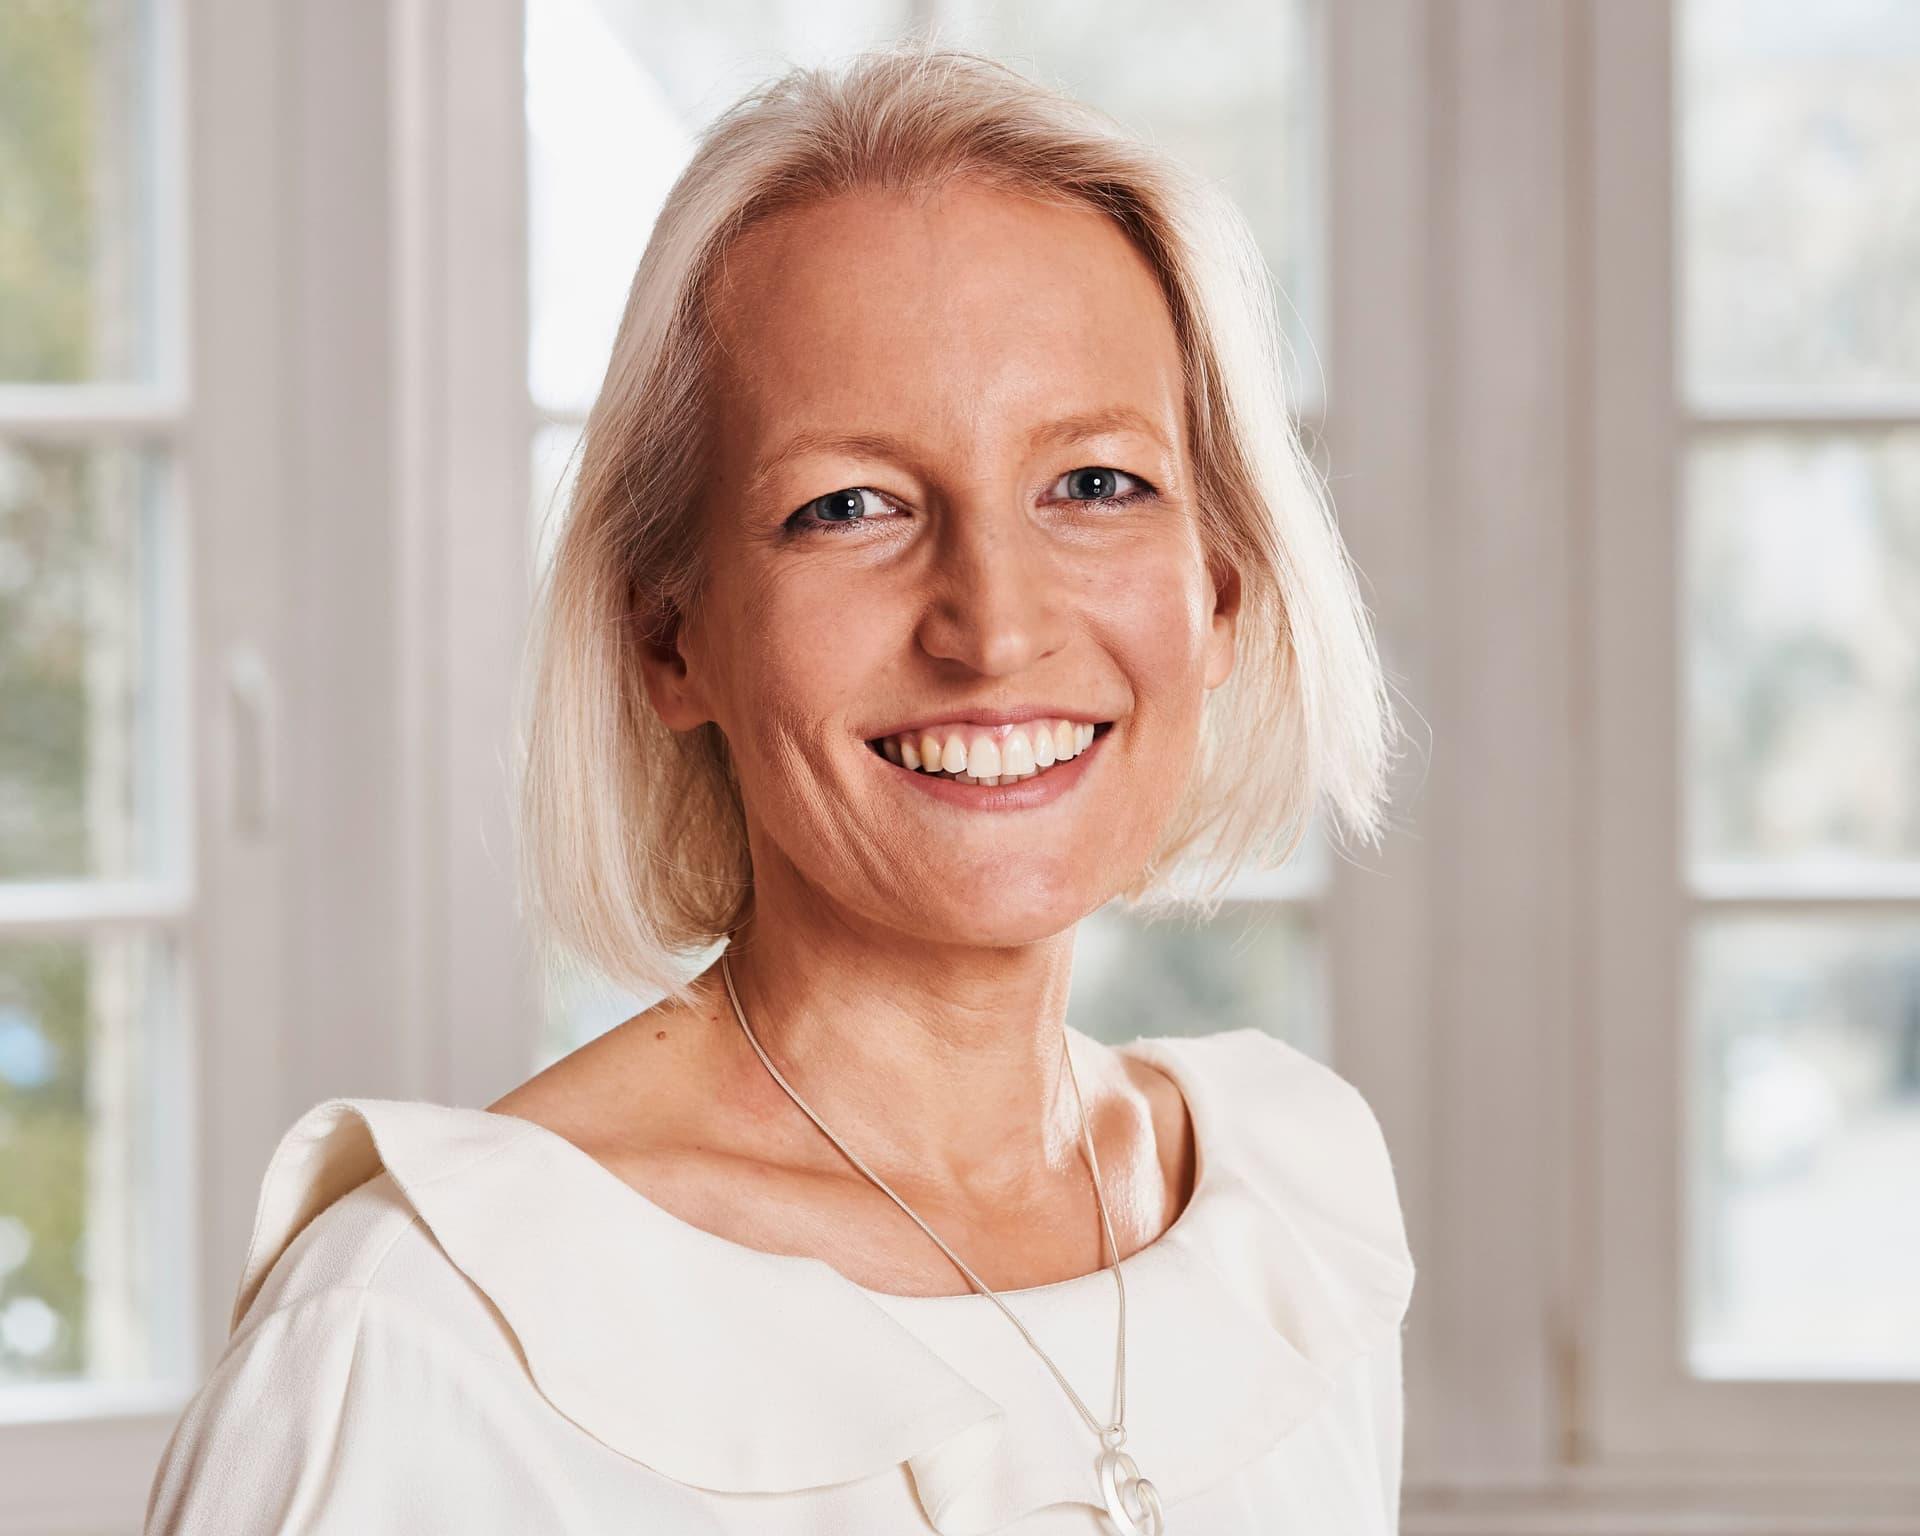 Martina Wiesenbauer